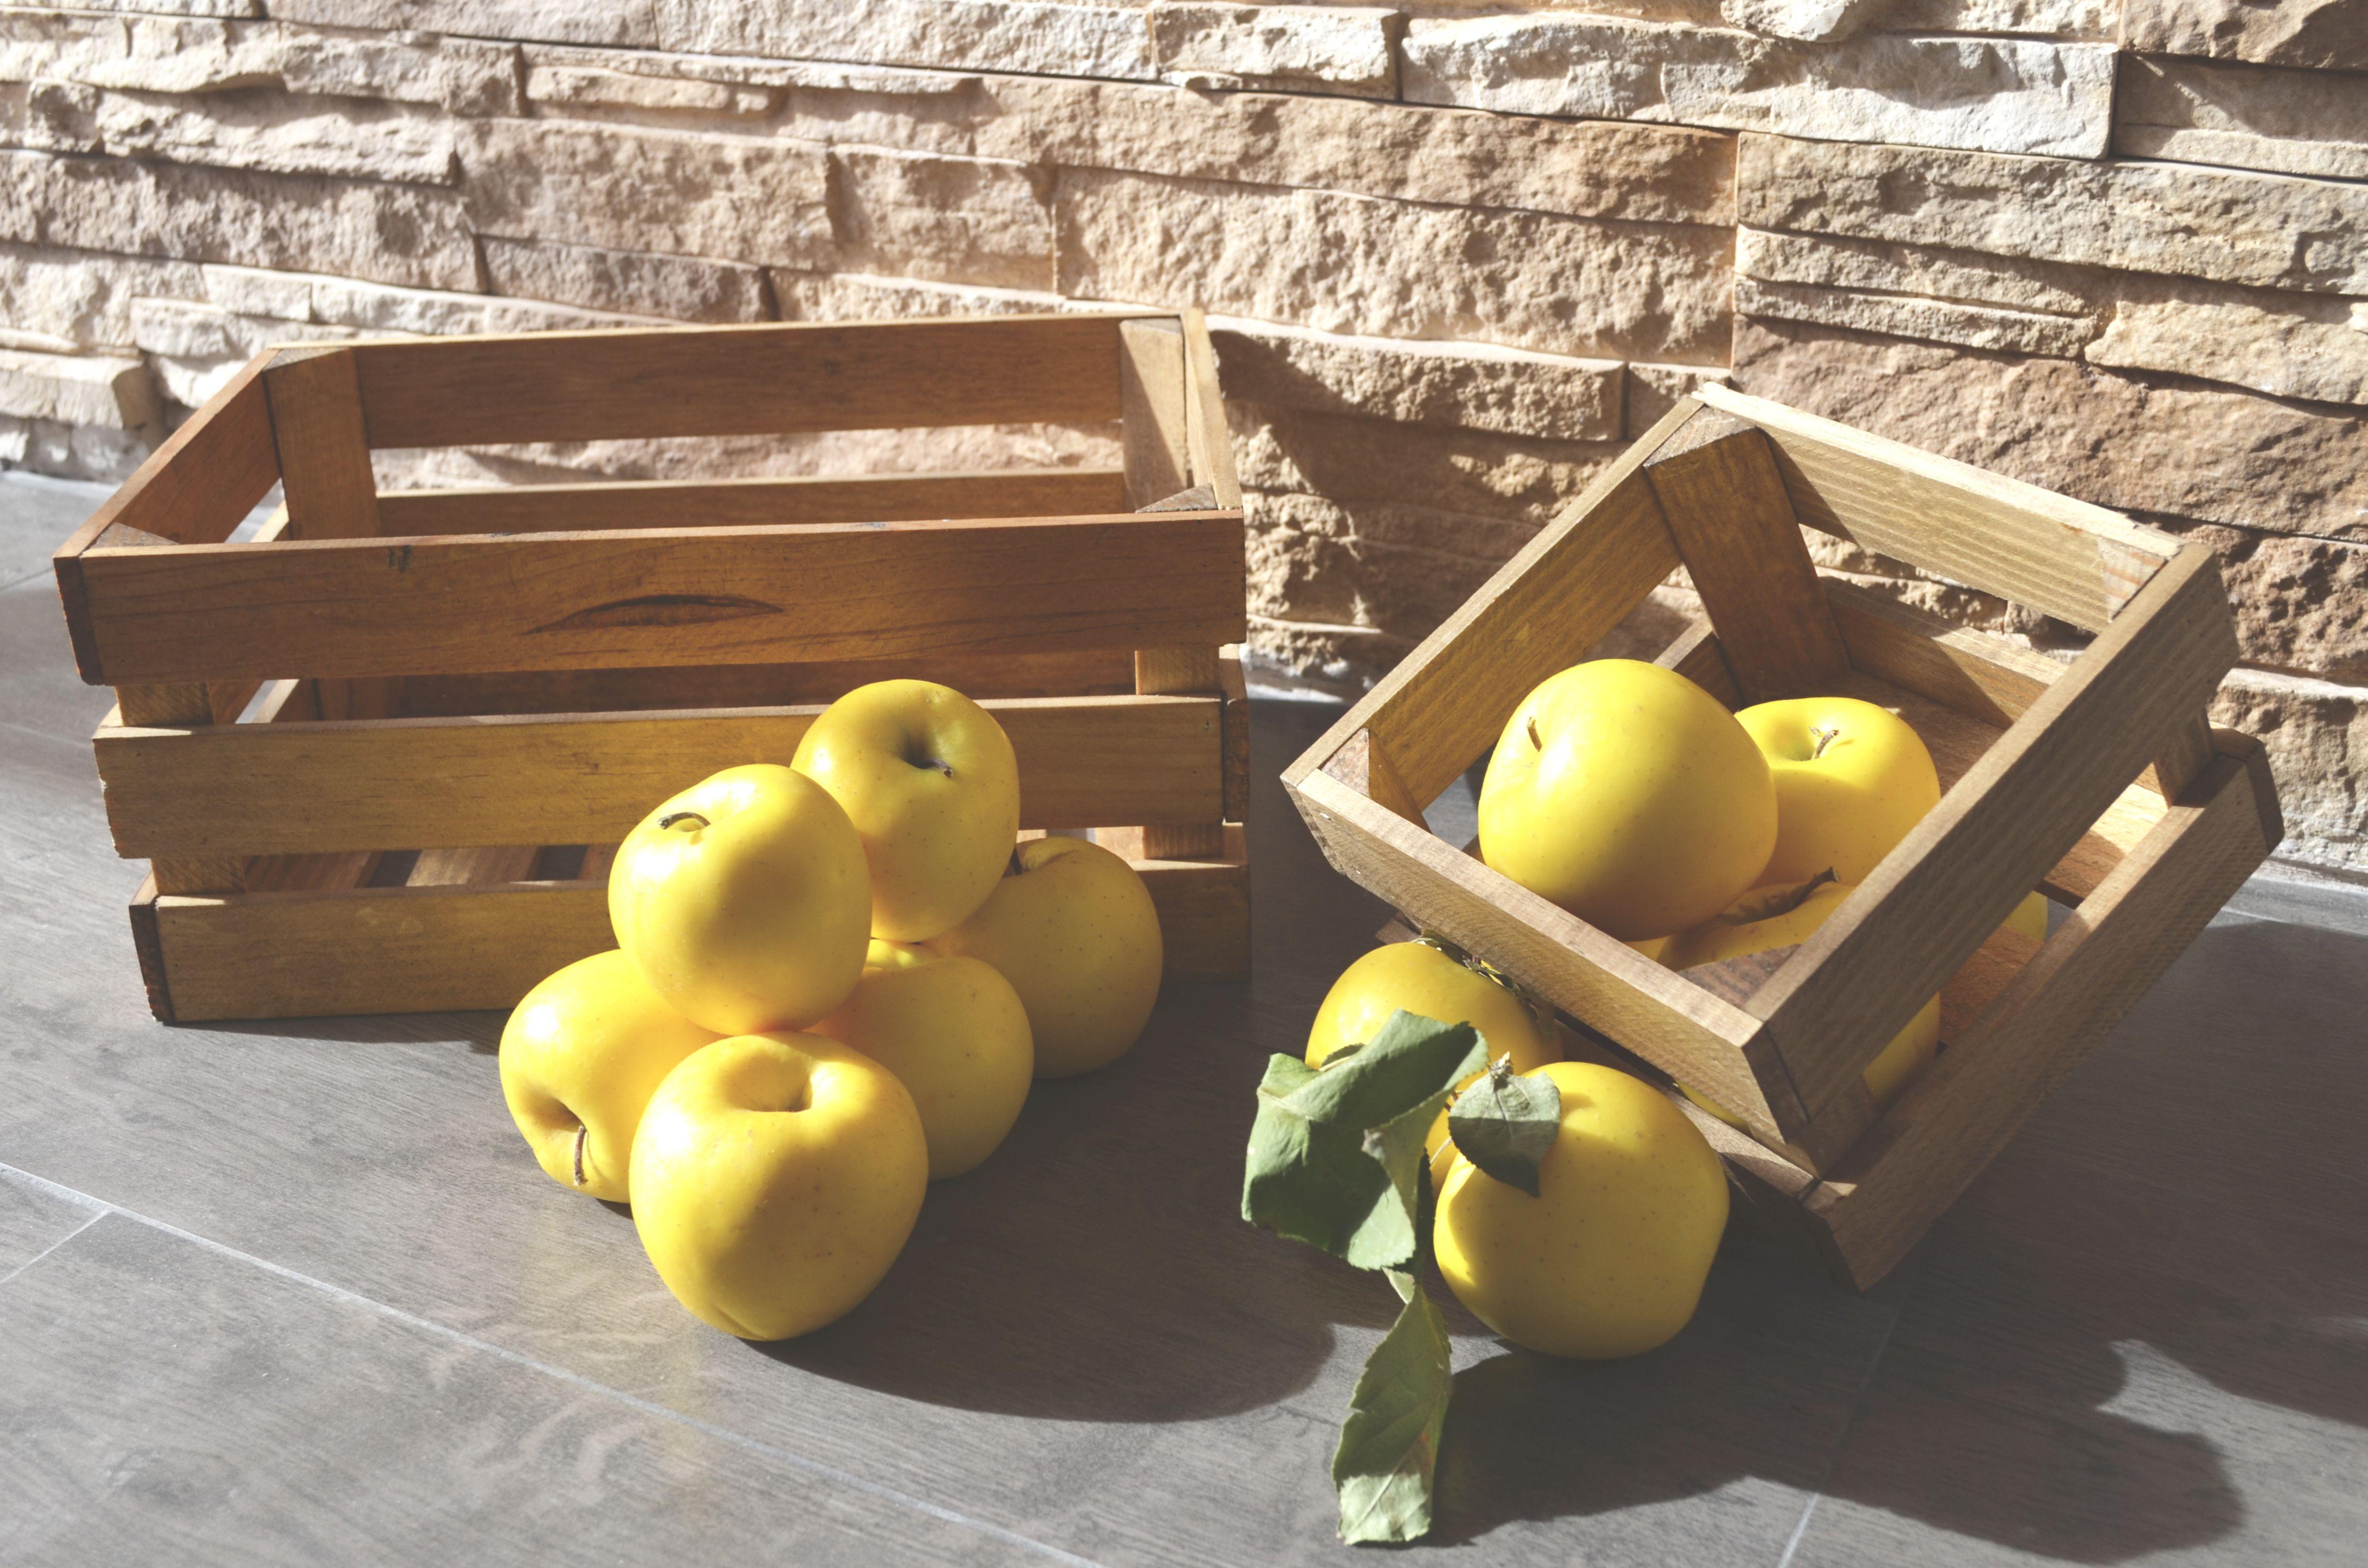 Caja de madera r stica ideales para decorar bodas en el - Como decorar madera ...